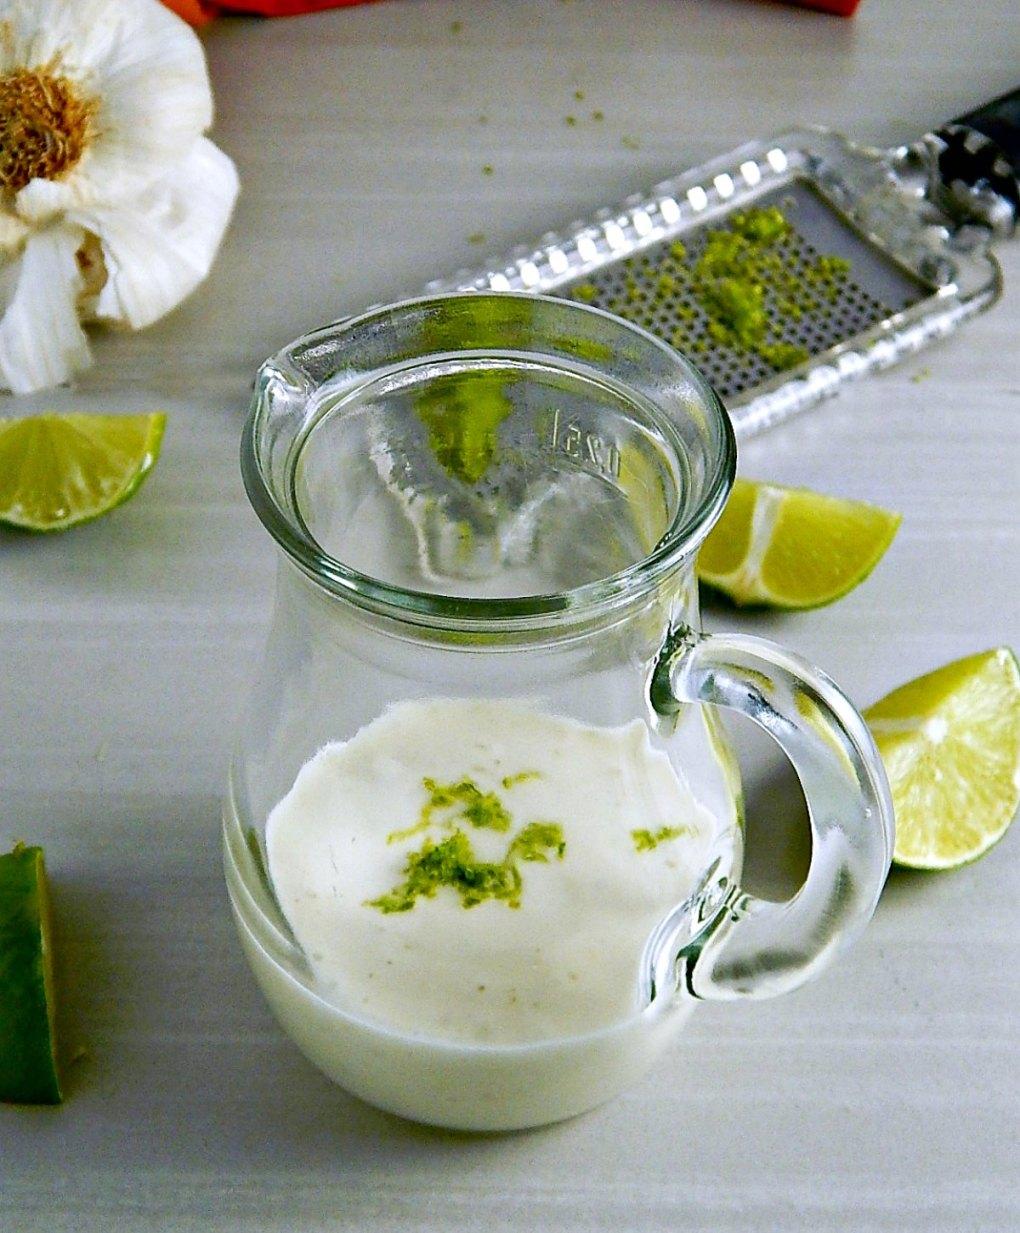 Creamy Lime Vinaigrette